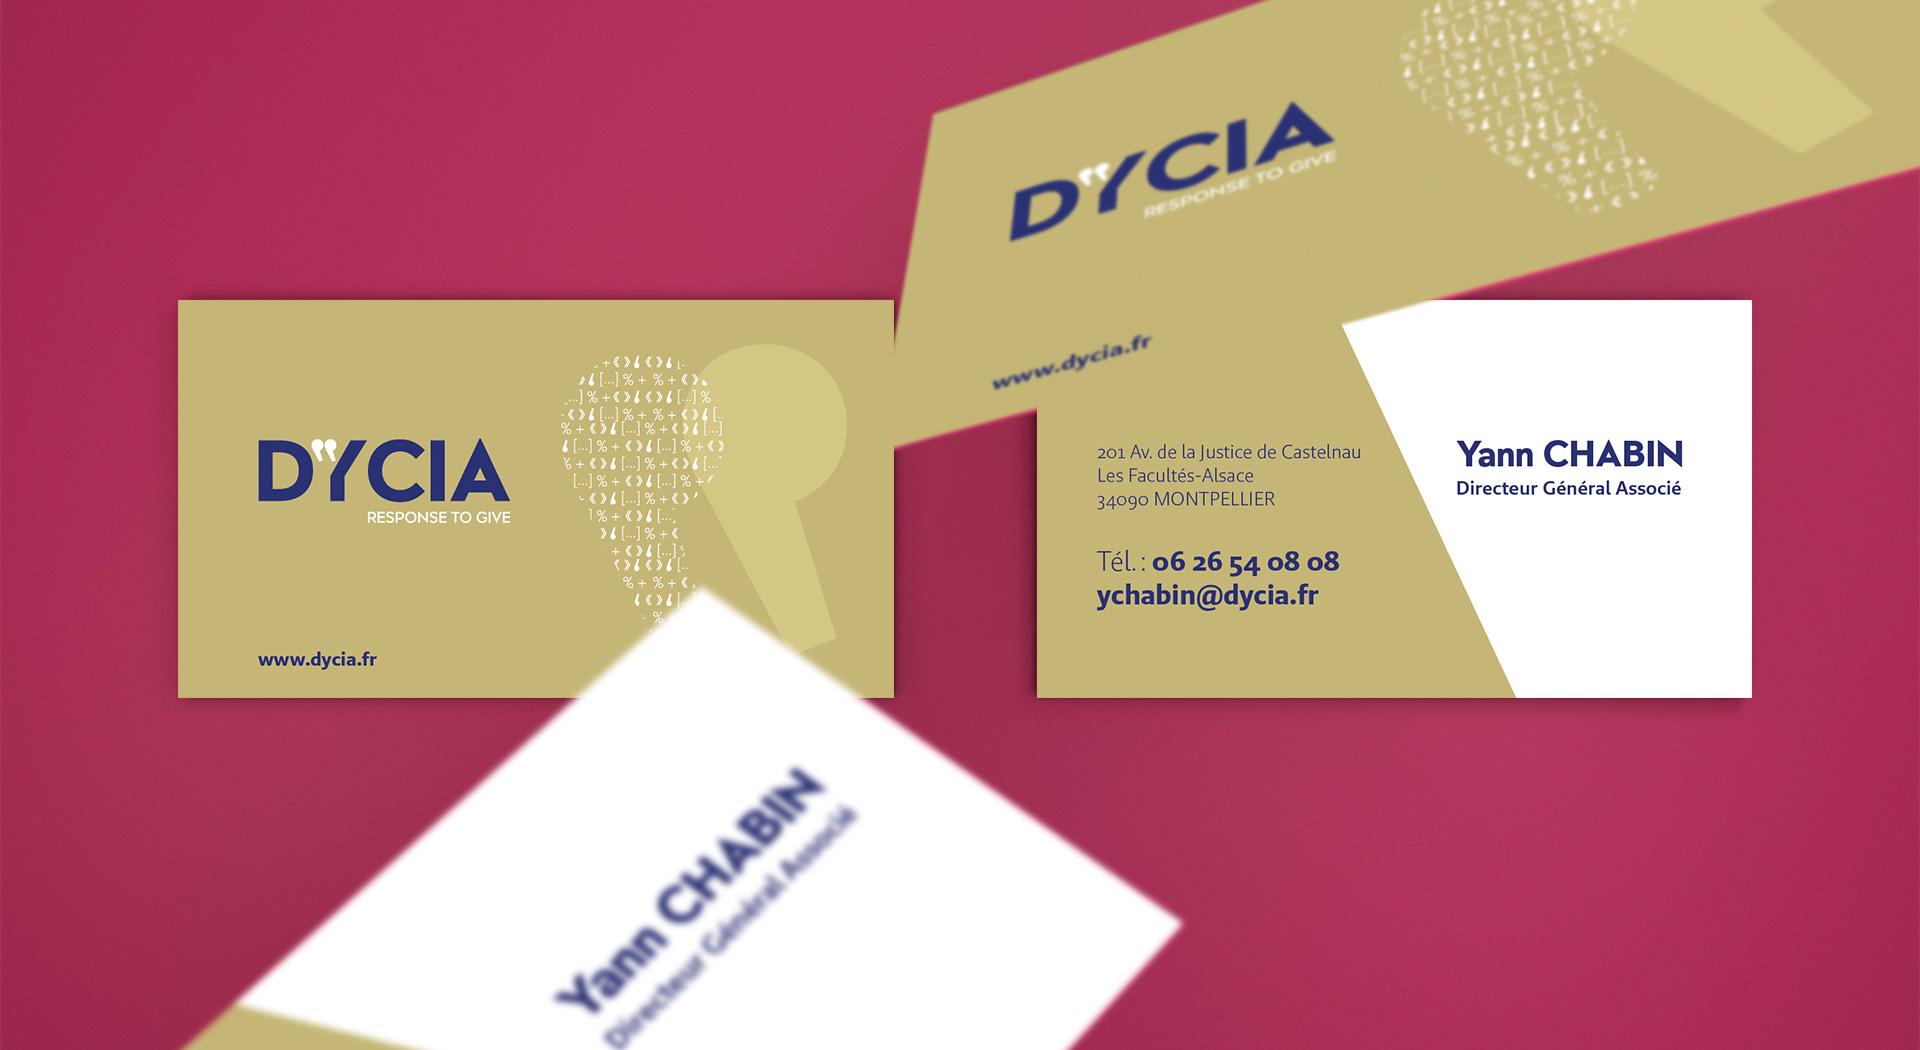 carte de visite - DYCIA